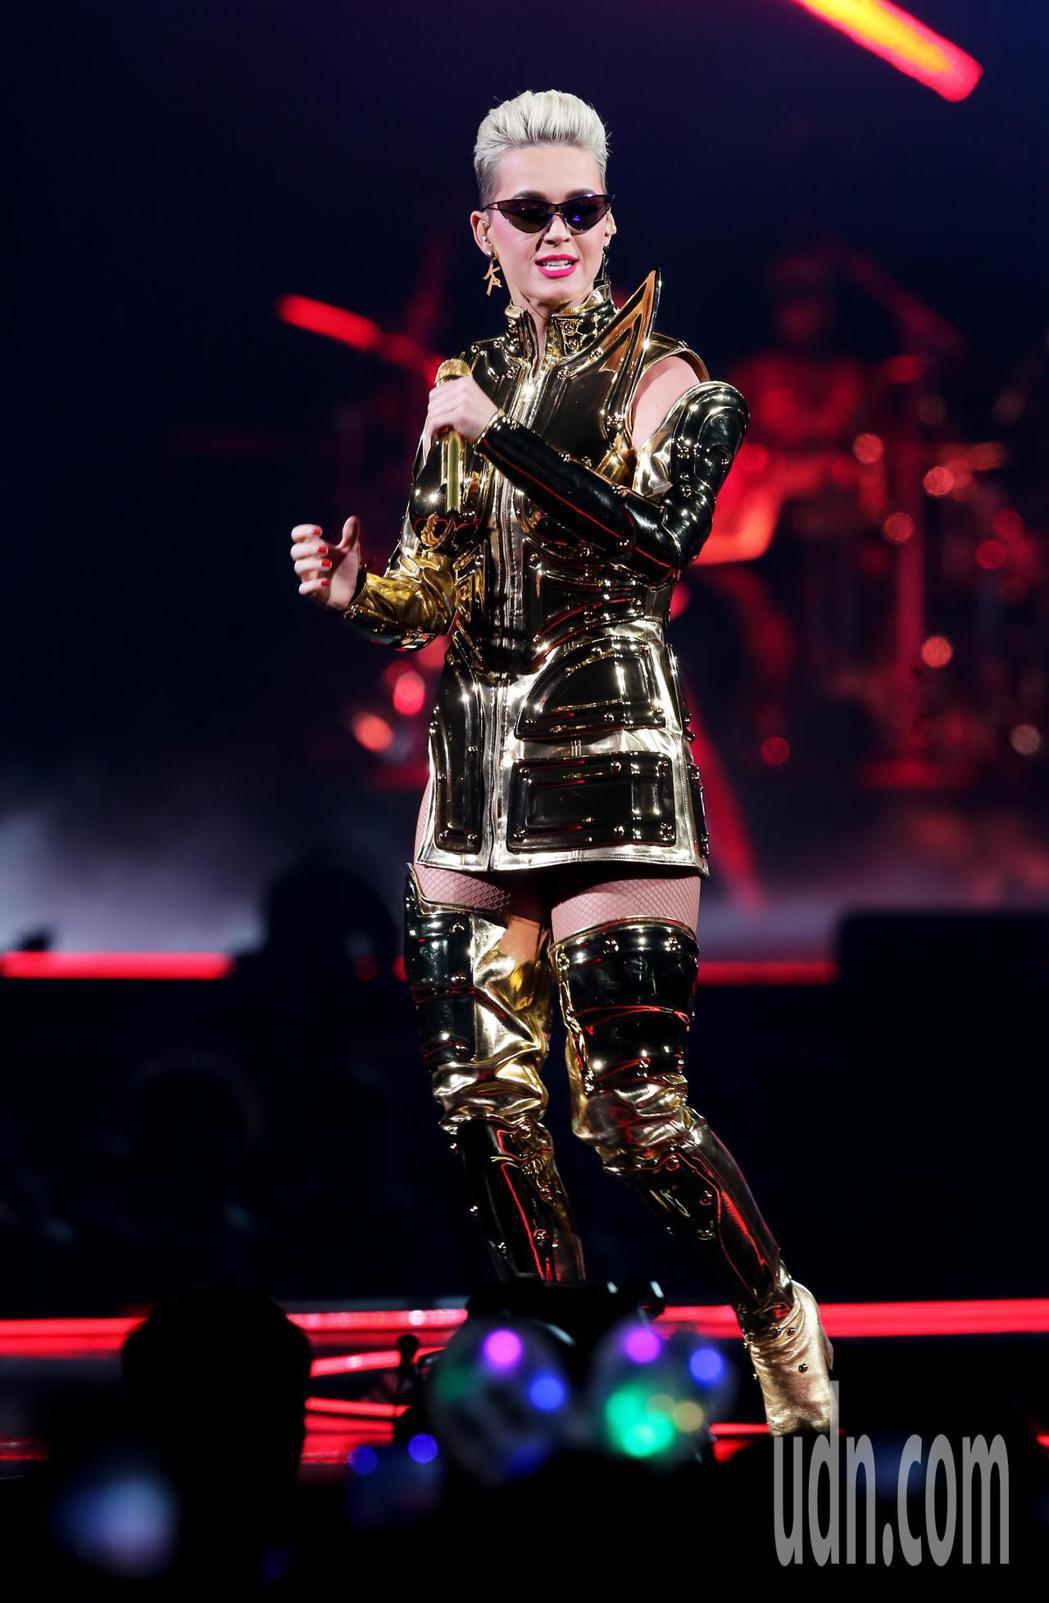 睽違三年凱蒂佩芮今晚再度登蛋開唱。記者徐兆玄/攝影